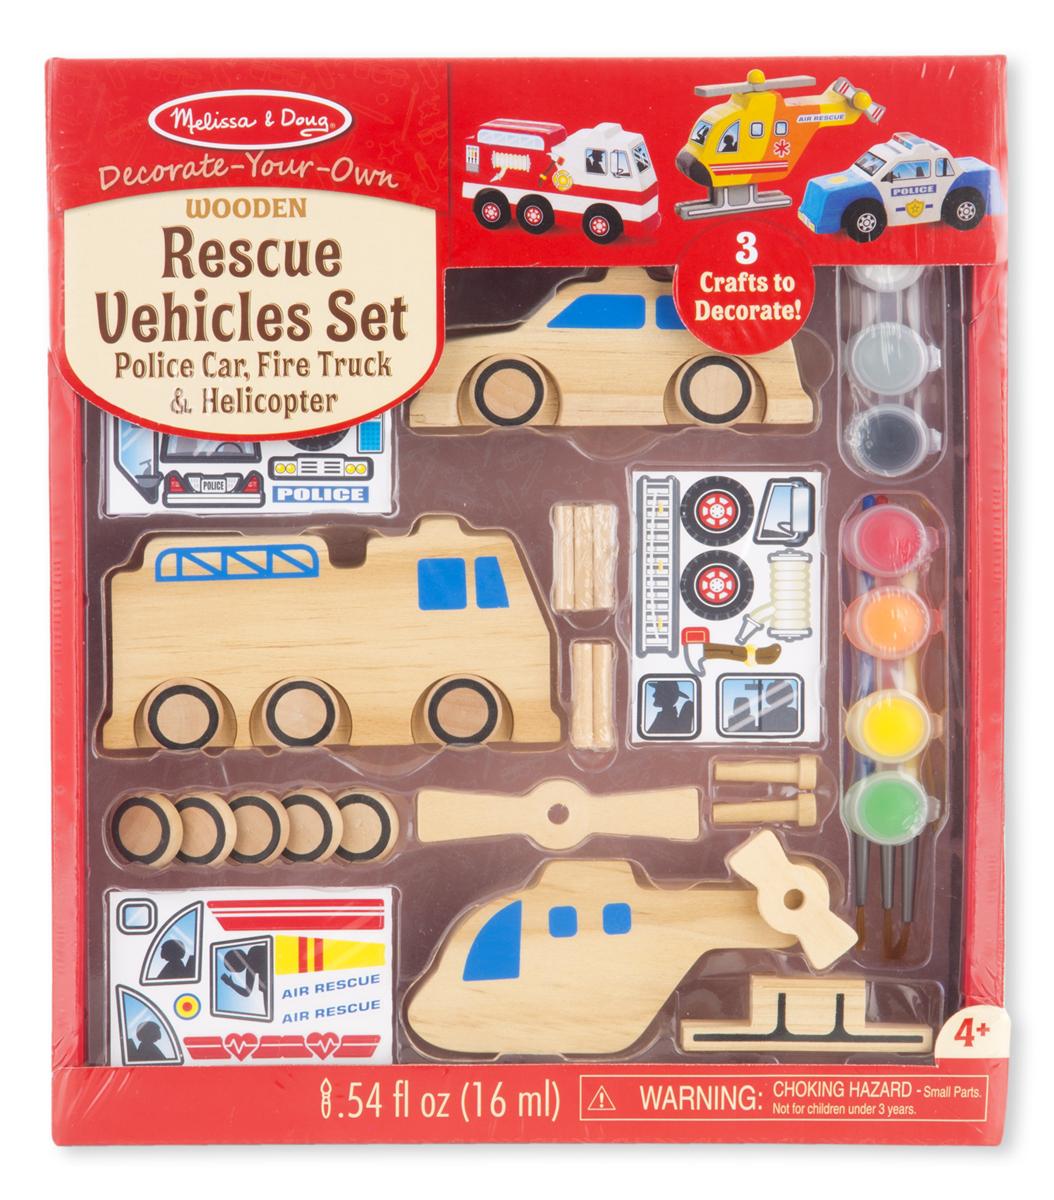 Набор автомобилей - Спасатели из серии ТворчествоНаборы для рисования<br>Набор автомобилей - Спасатели из серии Творчество<br>